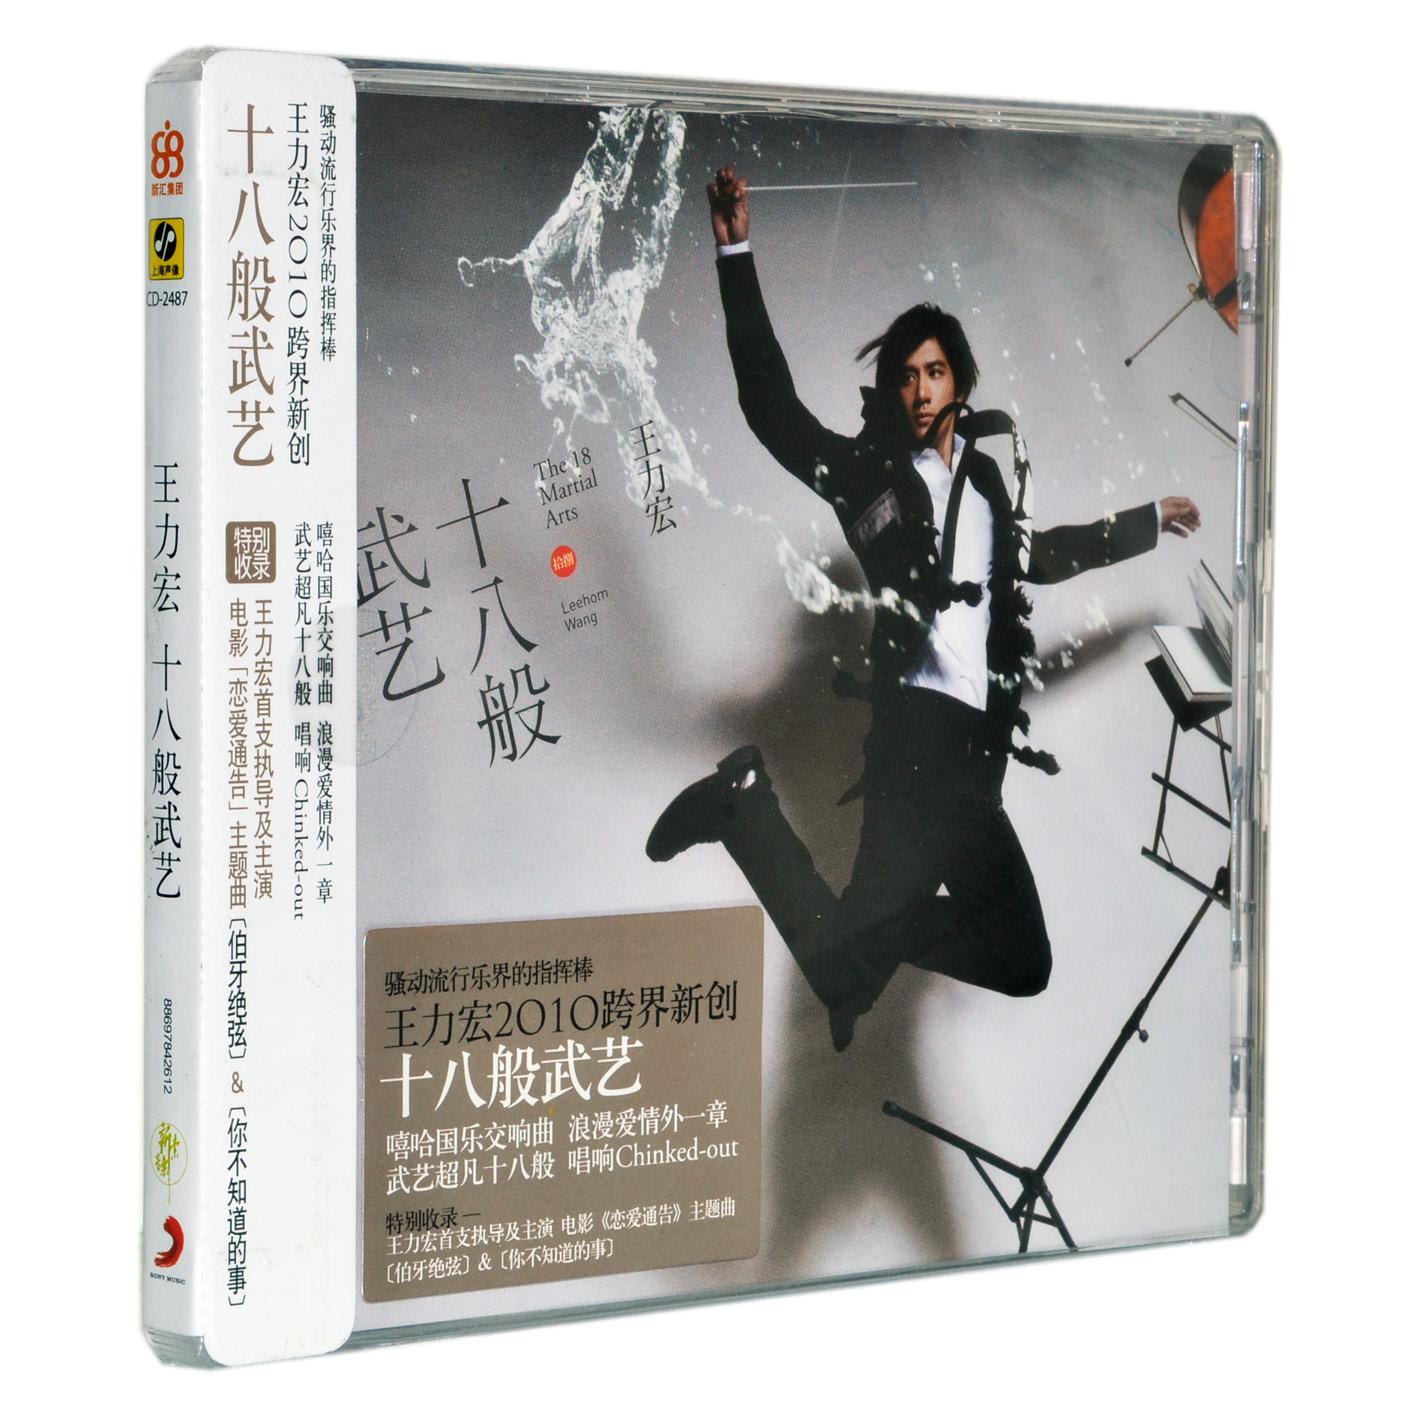 【正版】王力宏《十八般武艺》 正式版 Leehom 10年专辑CD 碟片